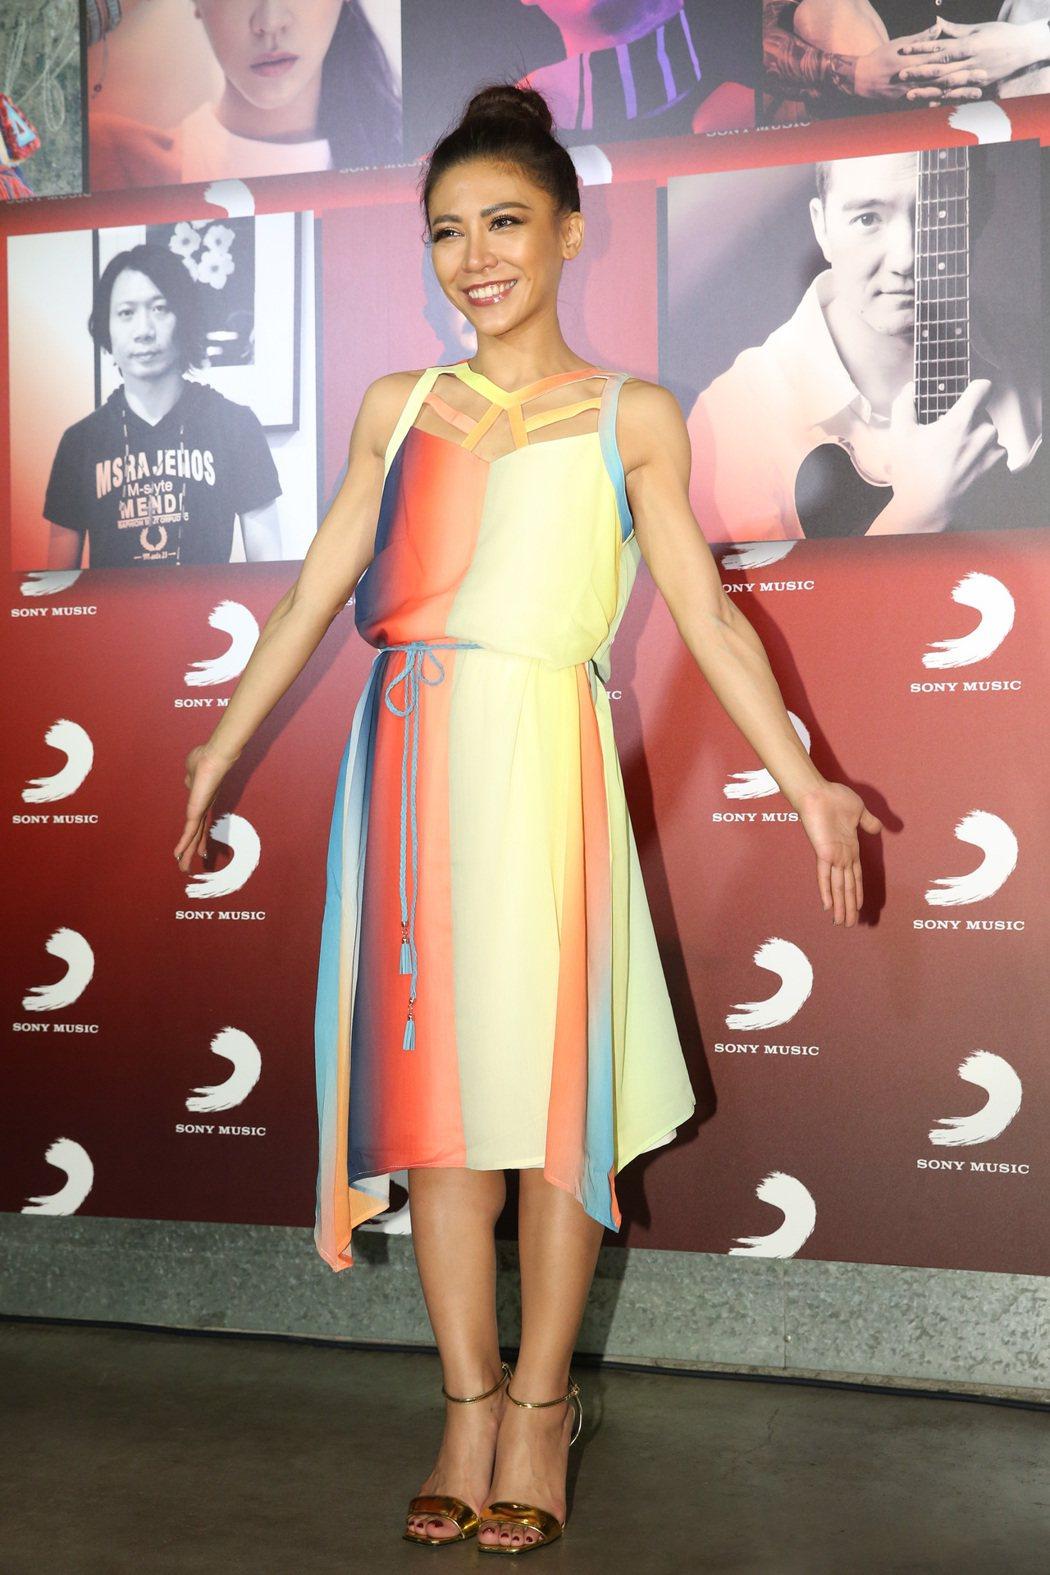 索尼唱片25日凌晨舉行慶功宴,艾怡良奪金曲歌后出席慶功宴。記者鄭清元/攝影